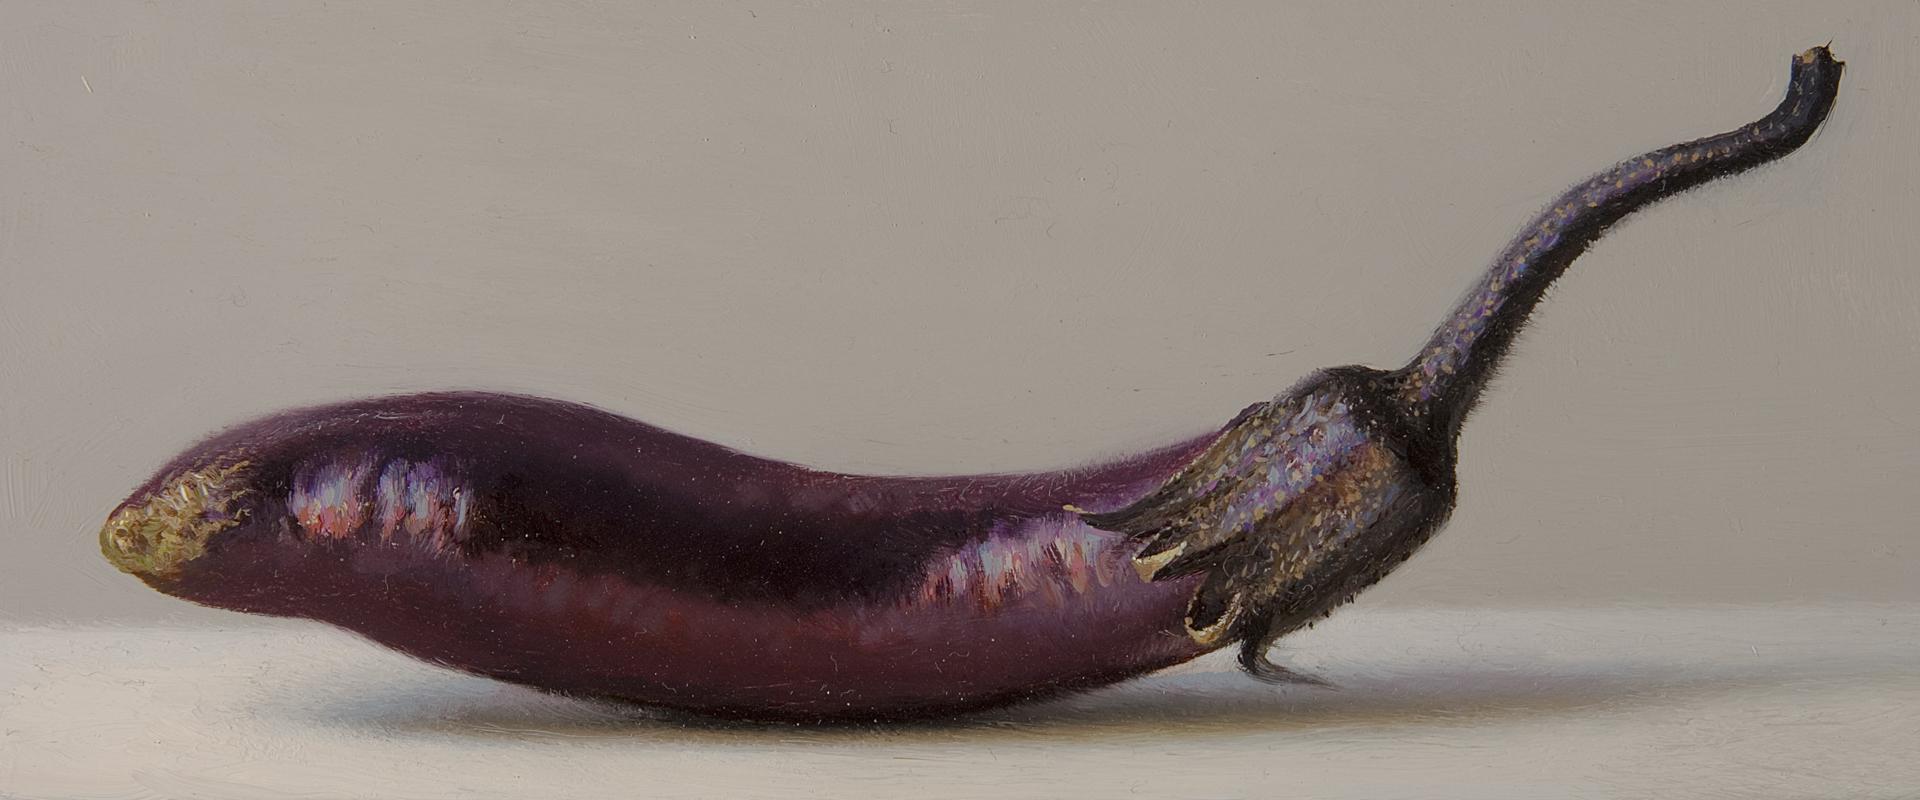 Baby Eggplant by Scott Fraser